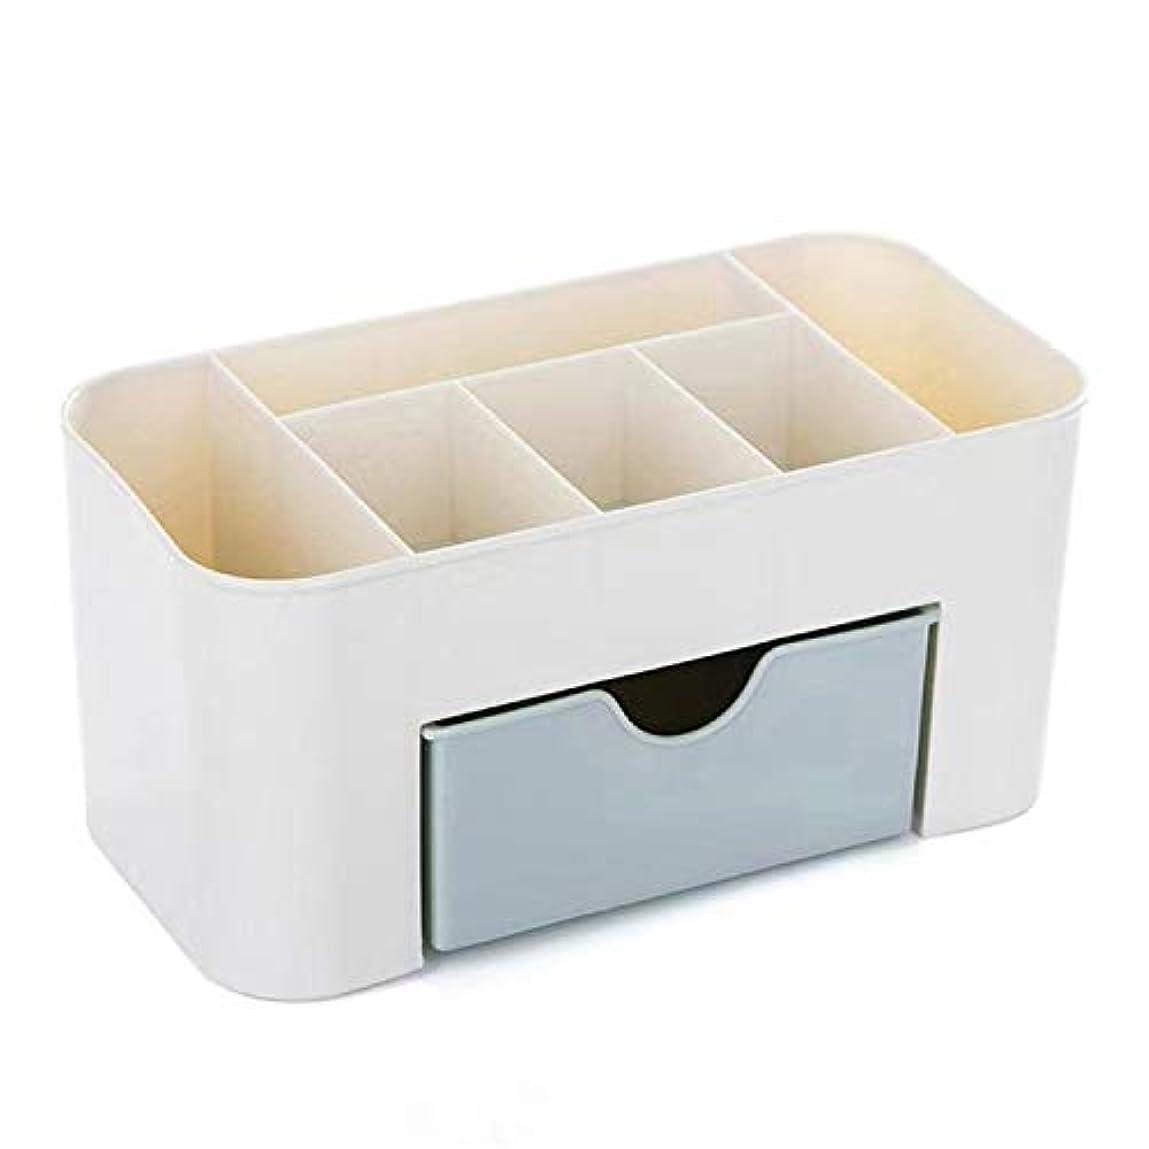 変わる感心する下るHJY スタッカブルと防水プラスチック化粧オーガナイザー、事務机文具収納ボックス化粧品ホルダー、大容量ジュエリーディスプレイケース (あいいろ)